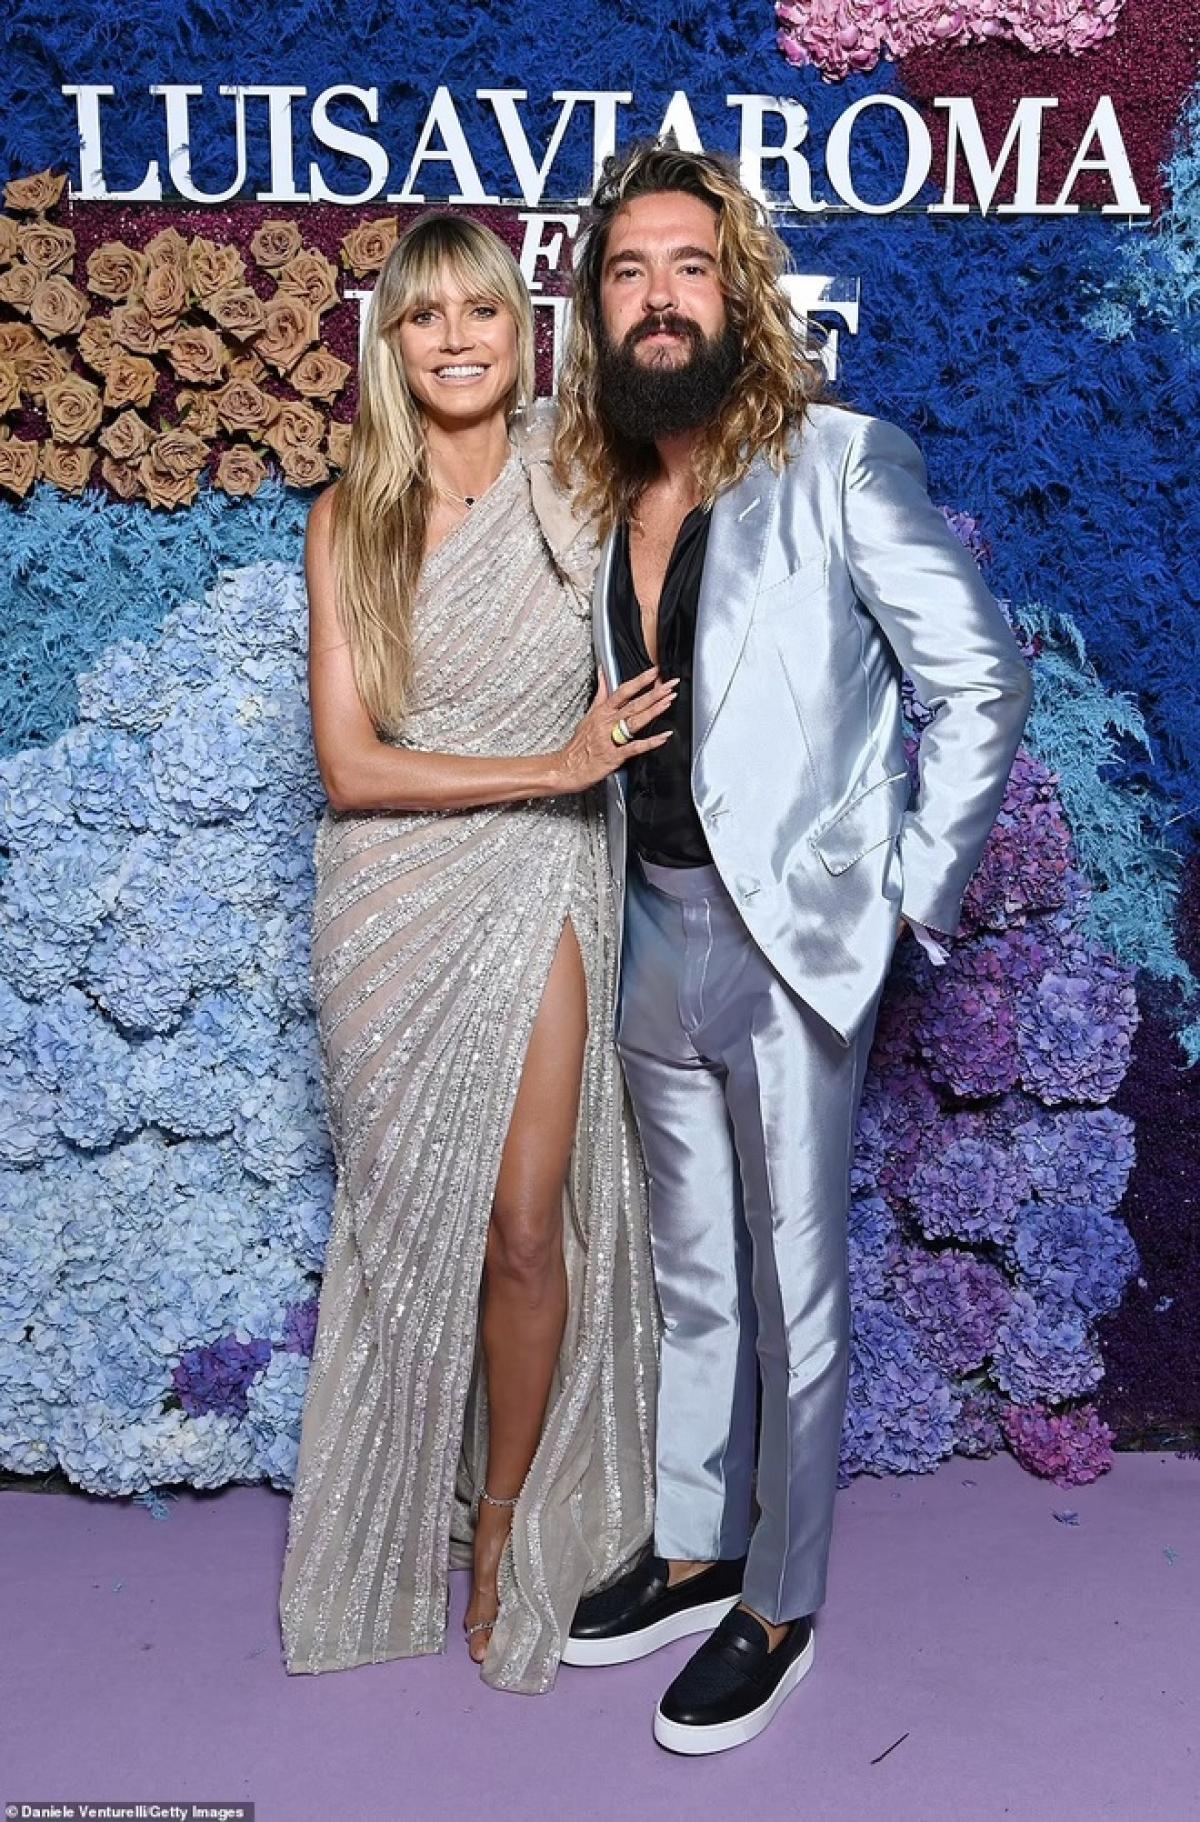 Ngày 31/7, cựu siêu mẫu nội yHeidi Klum trở thành tâm điểm chú ý khi sánh đôi chồng trẻ Tom Kaulitz dự bữa tiệc gây quỹ từ thiện ủng hộ Quỹ Nhi đồng Liên Hợp Quốc Unicef diễn ra tại Capri, Italy.